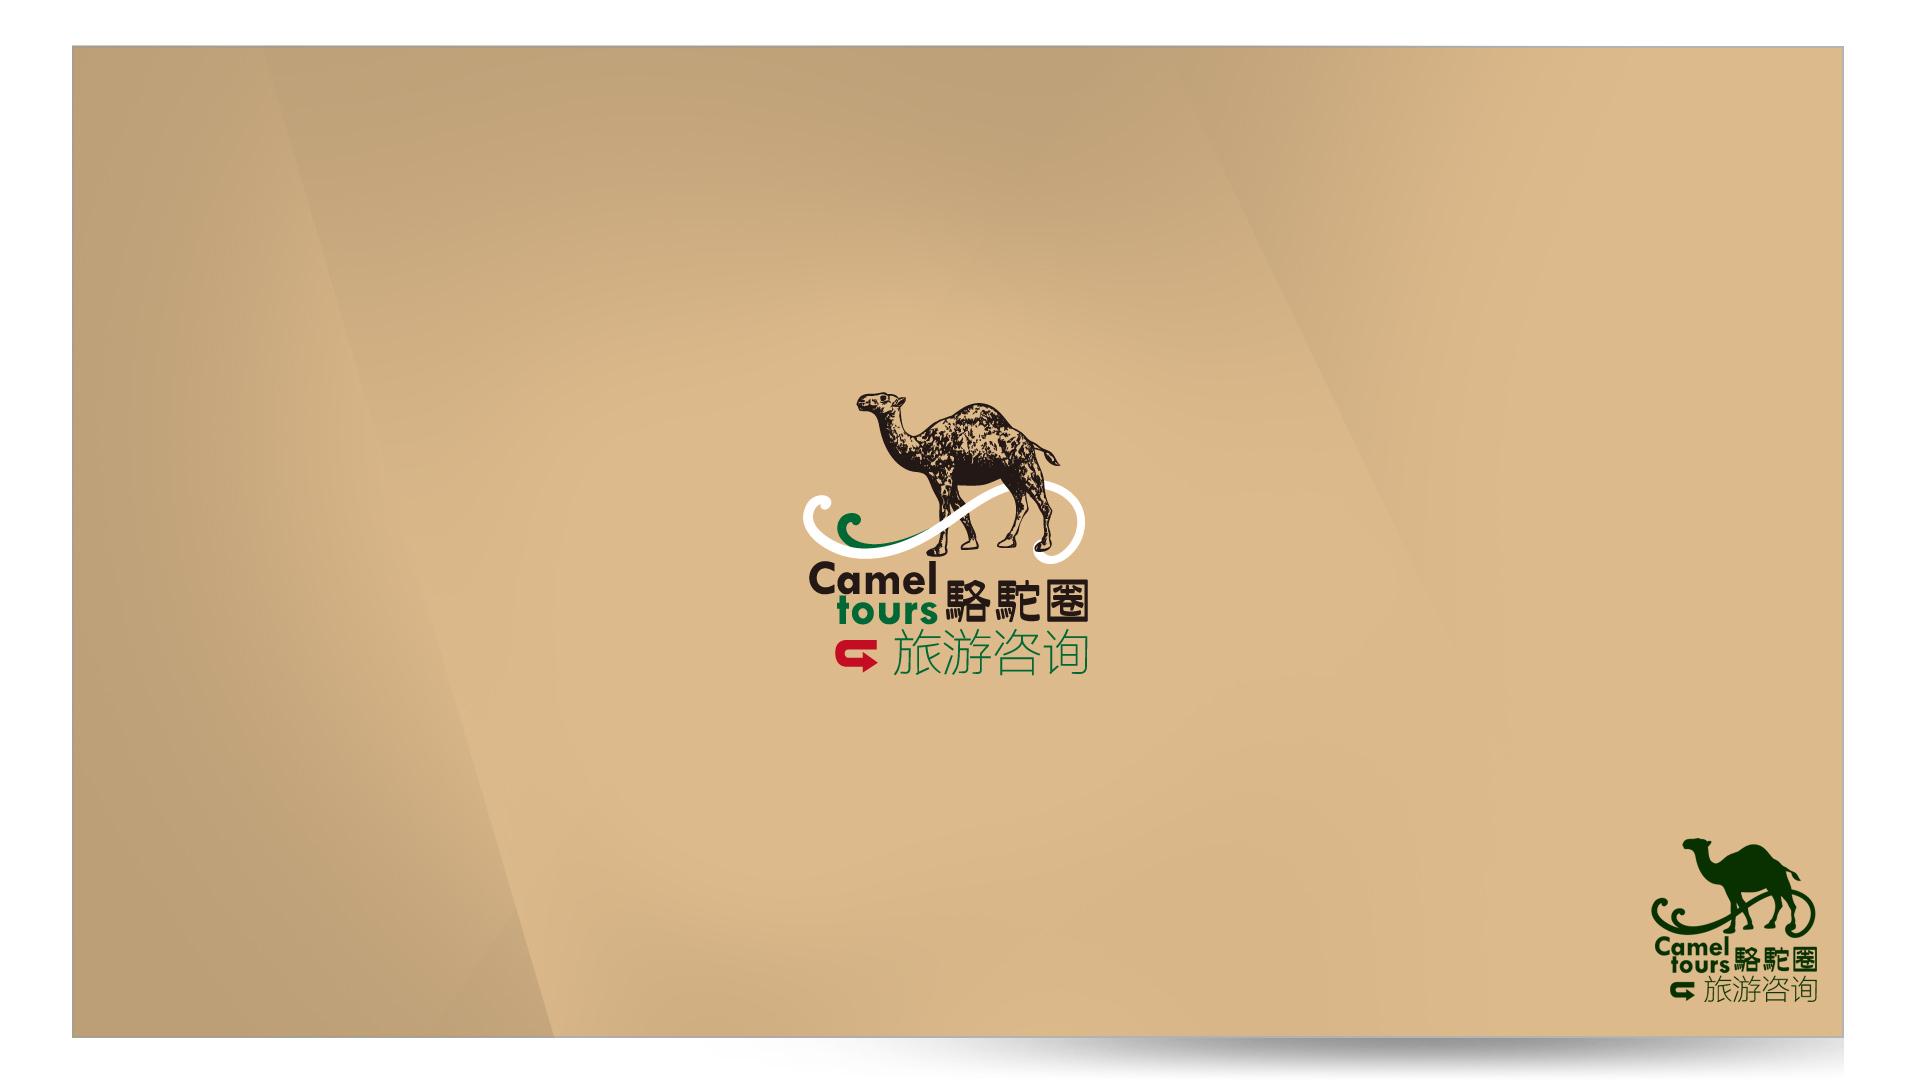 骆驼圈子旅游公司商标跟名片设计图片